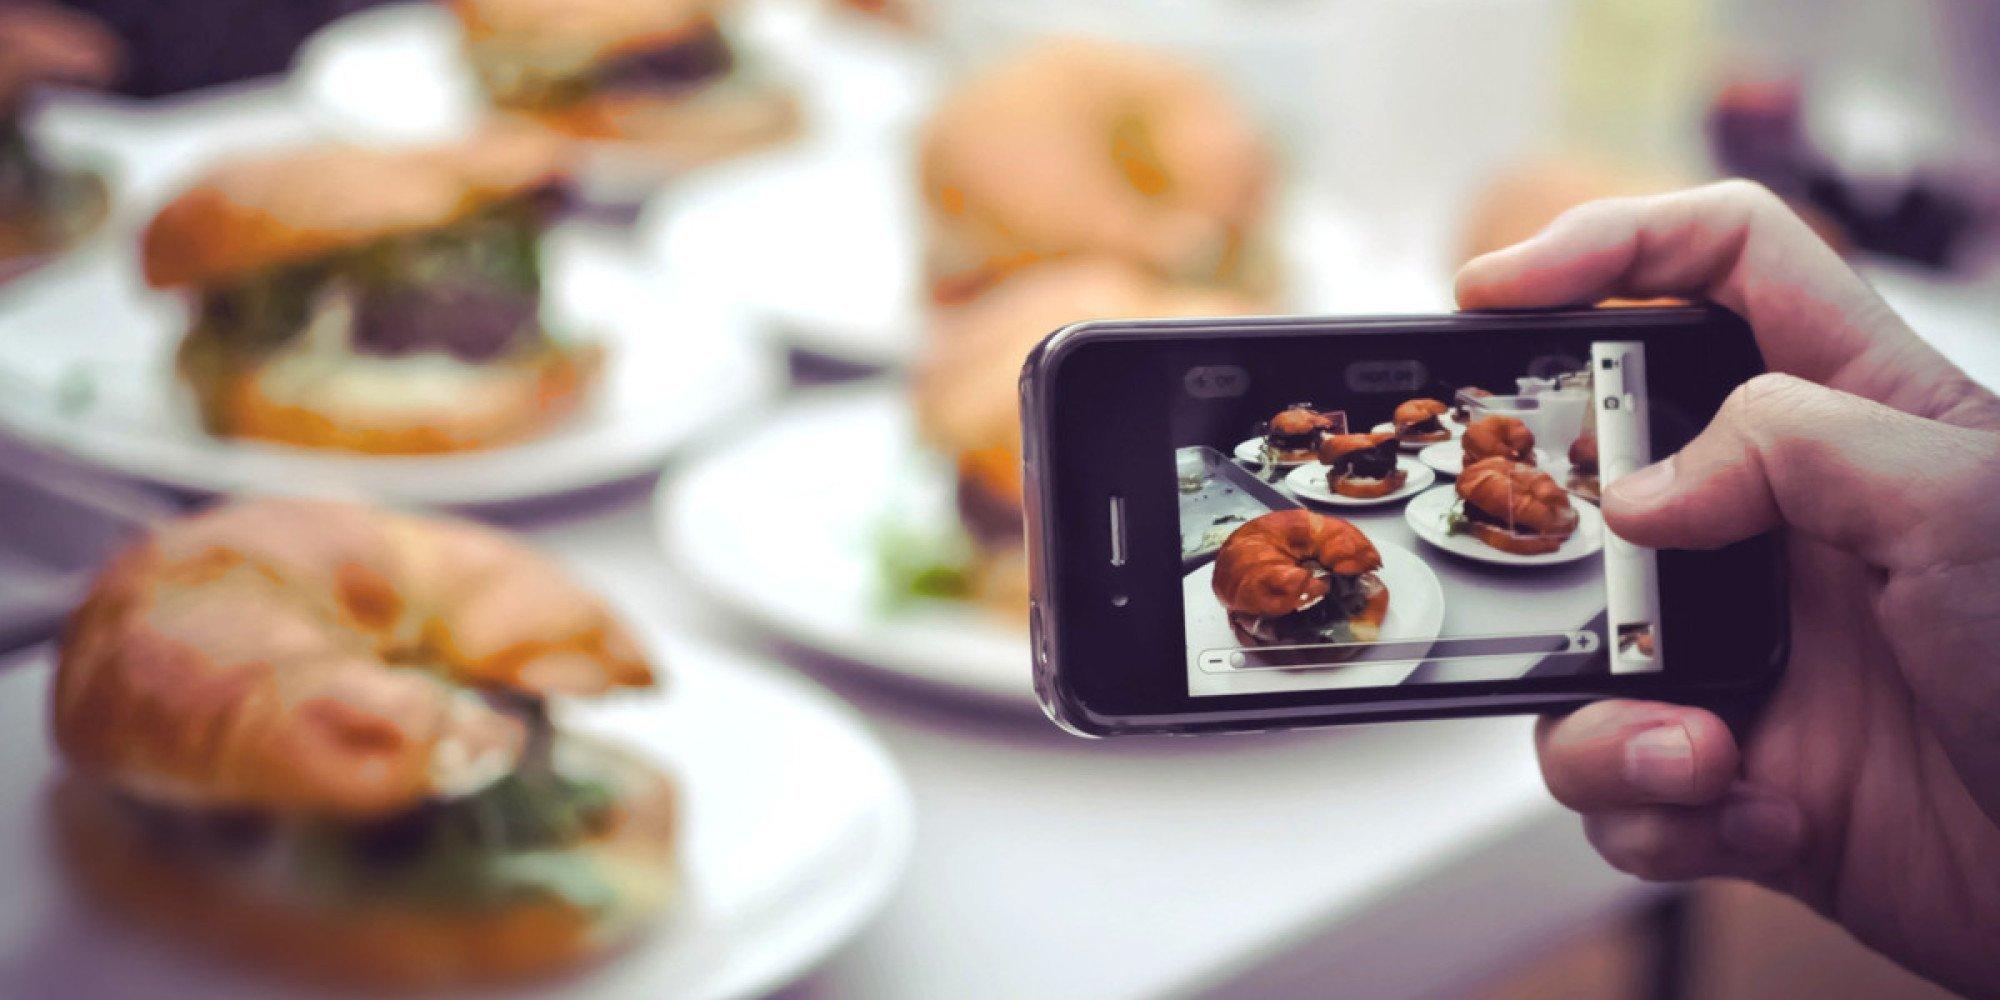 обработка фото еды на айфон перевезти автомобиль центр